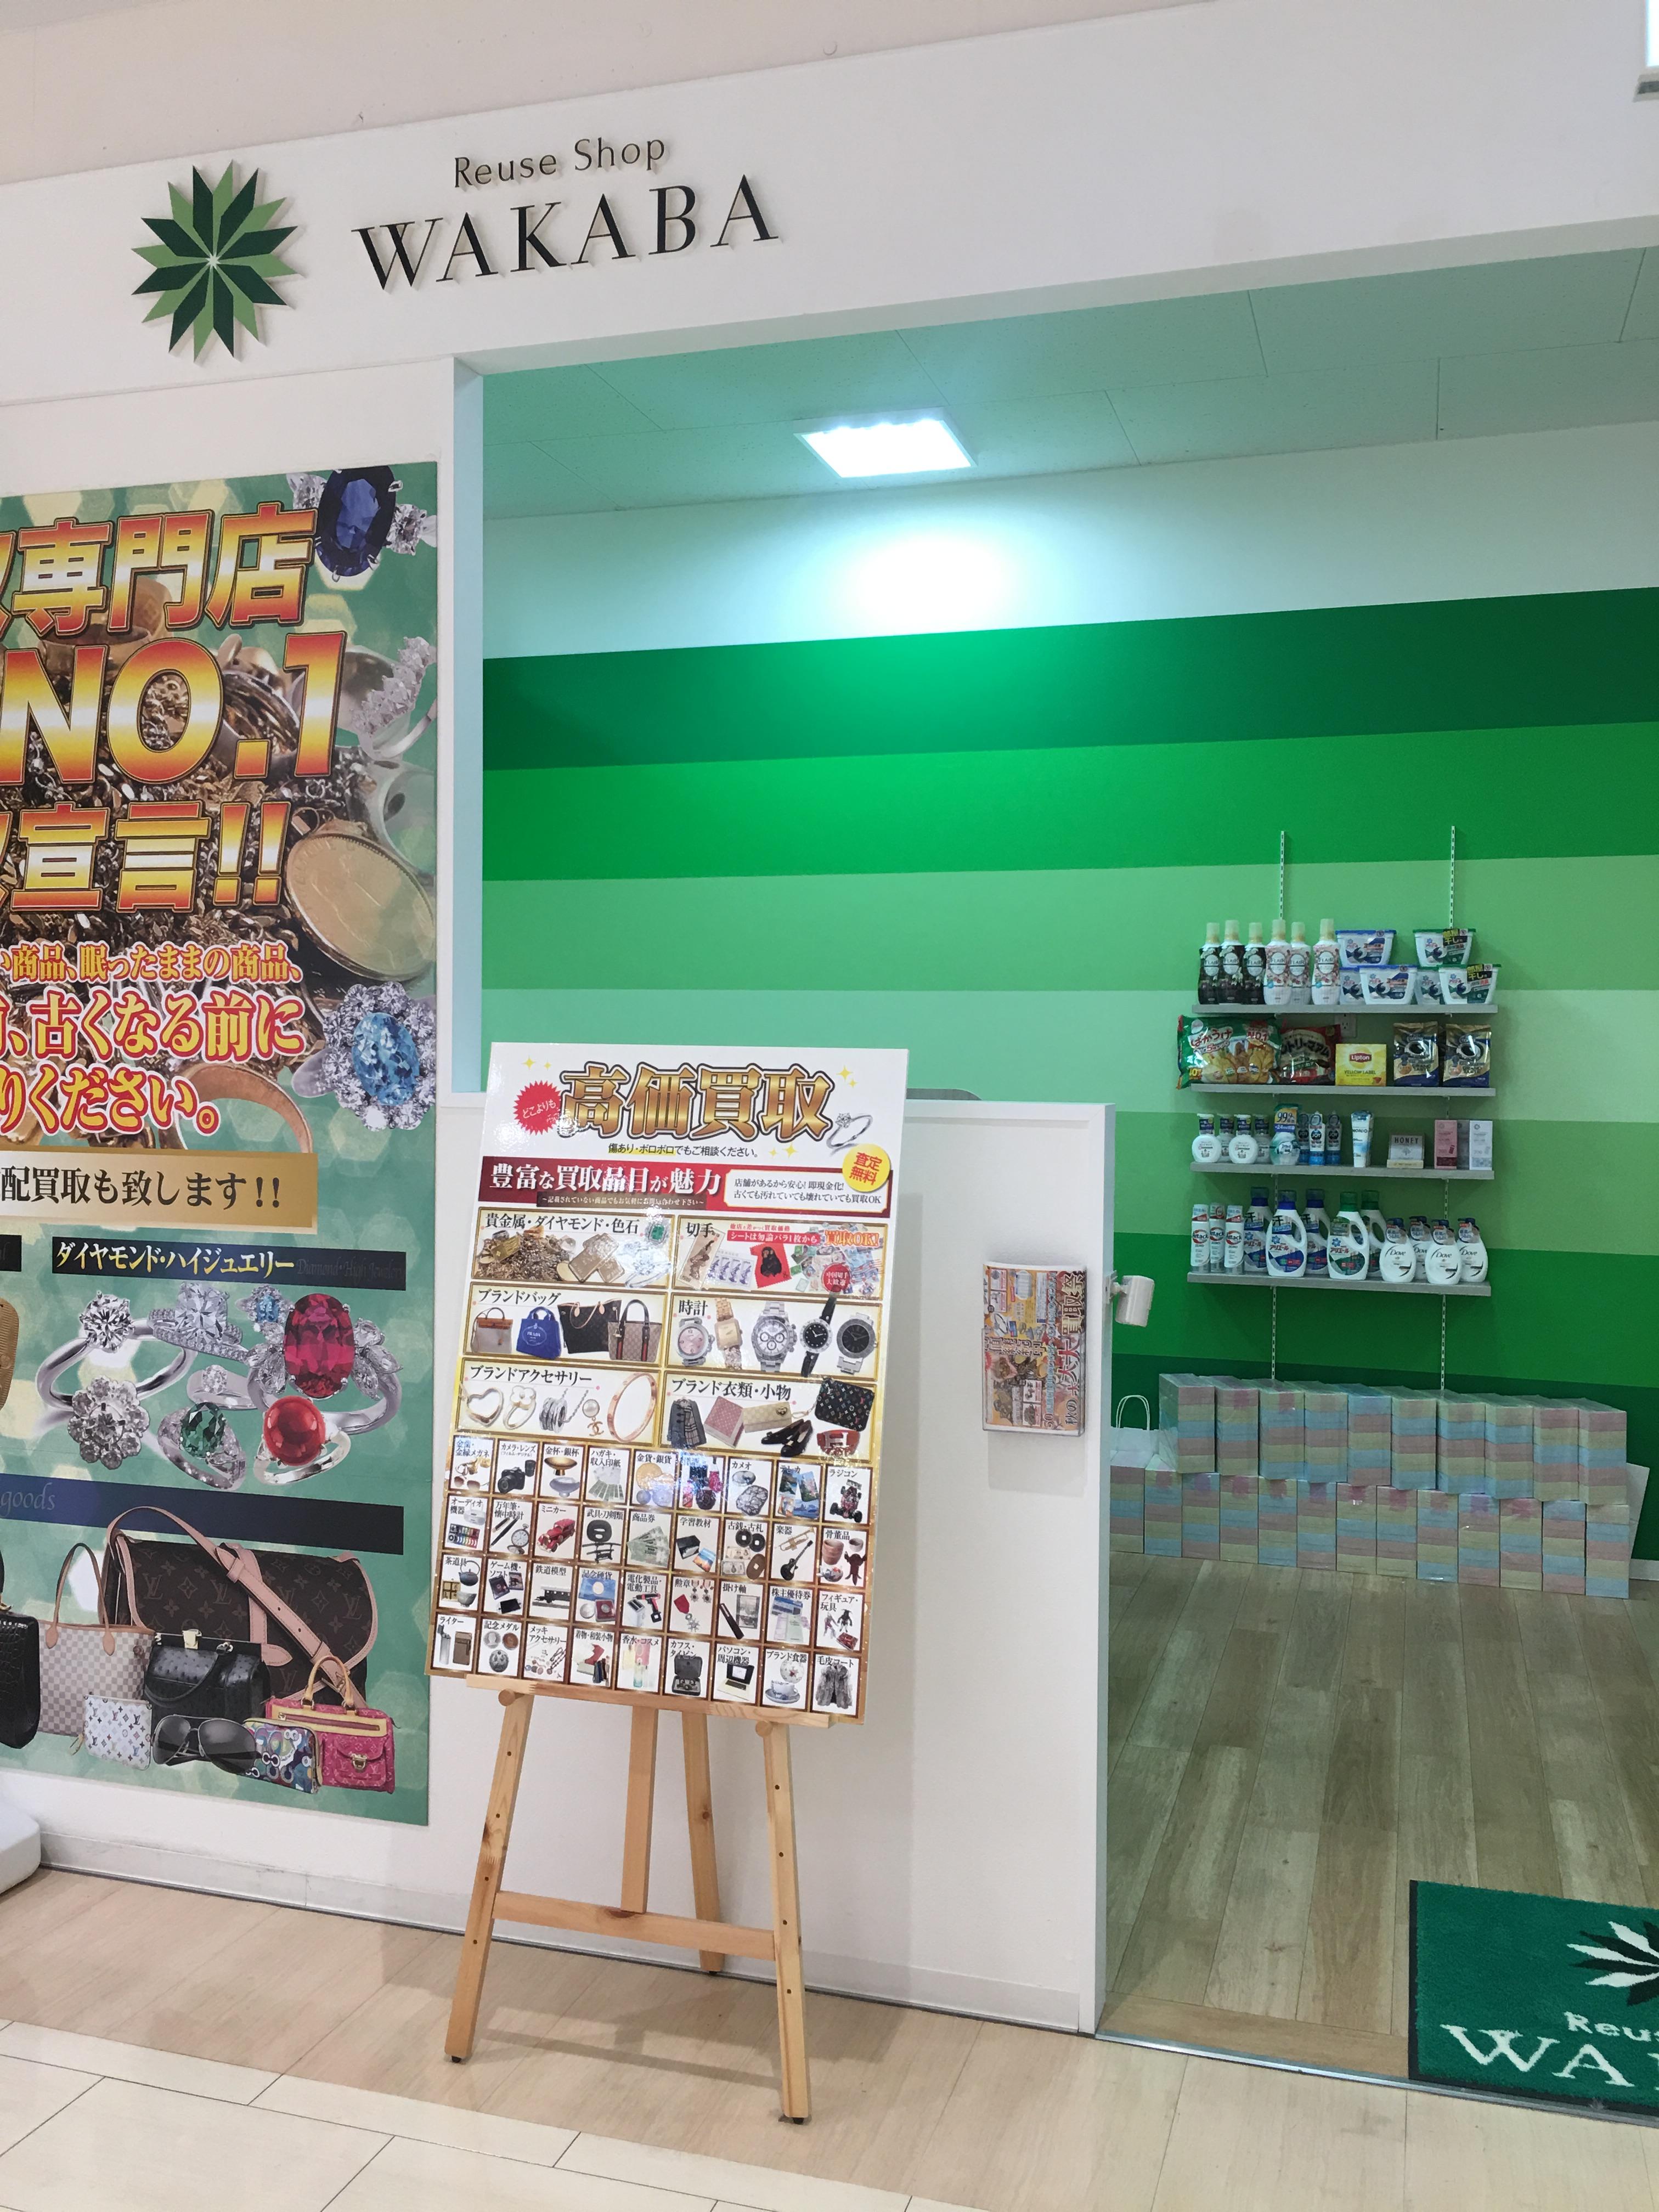 WAKABA 買取キャンペーン!:イメージ